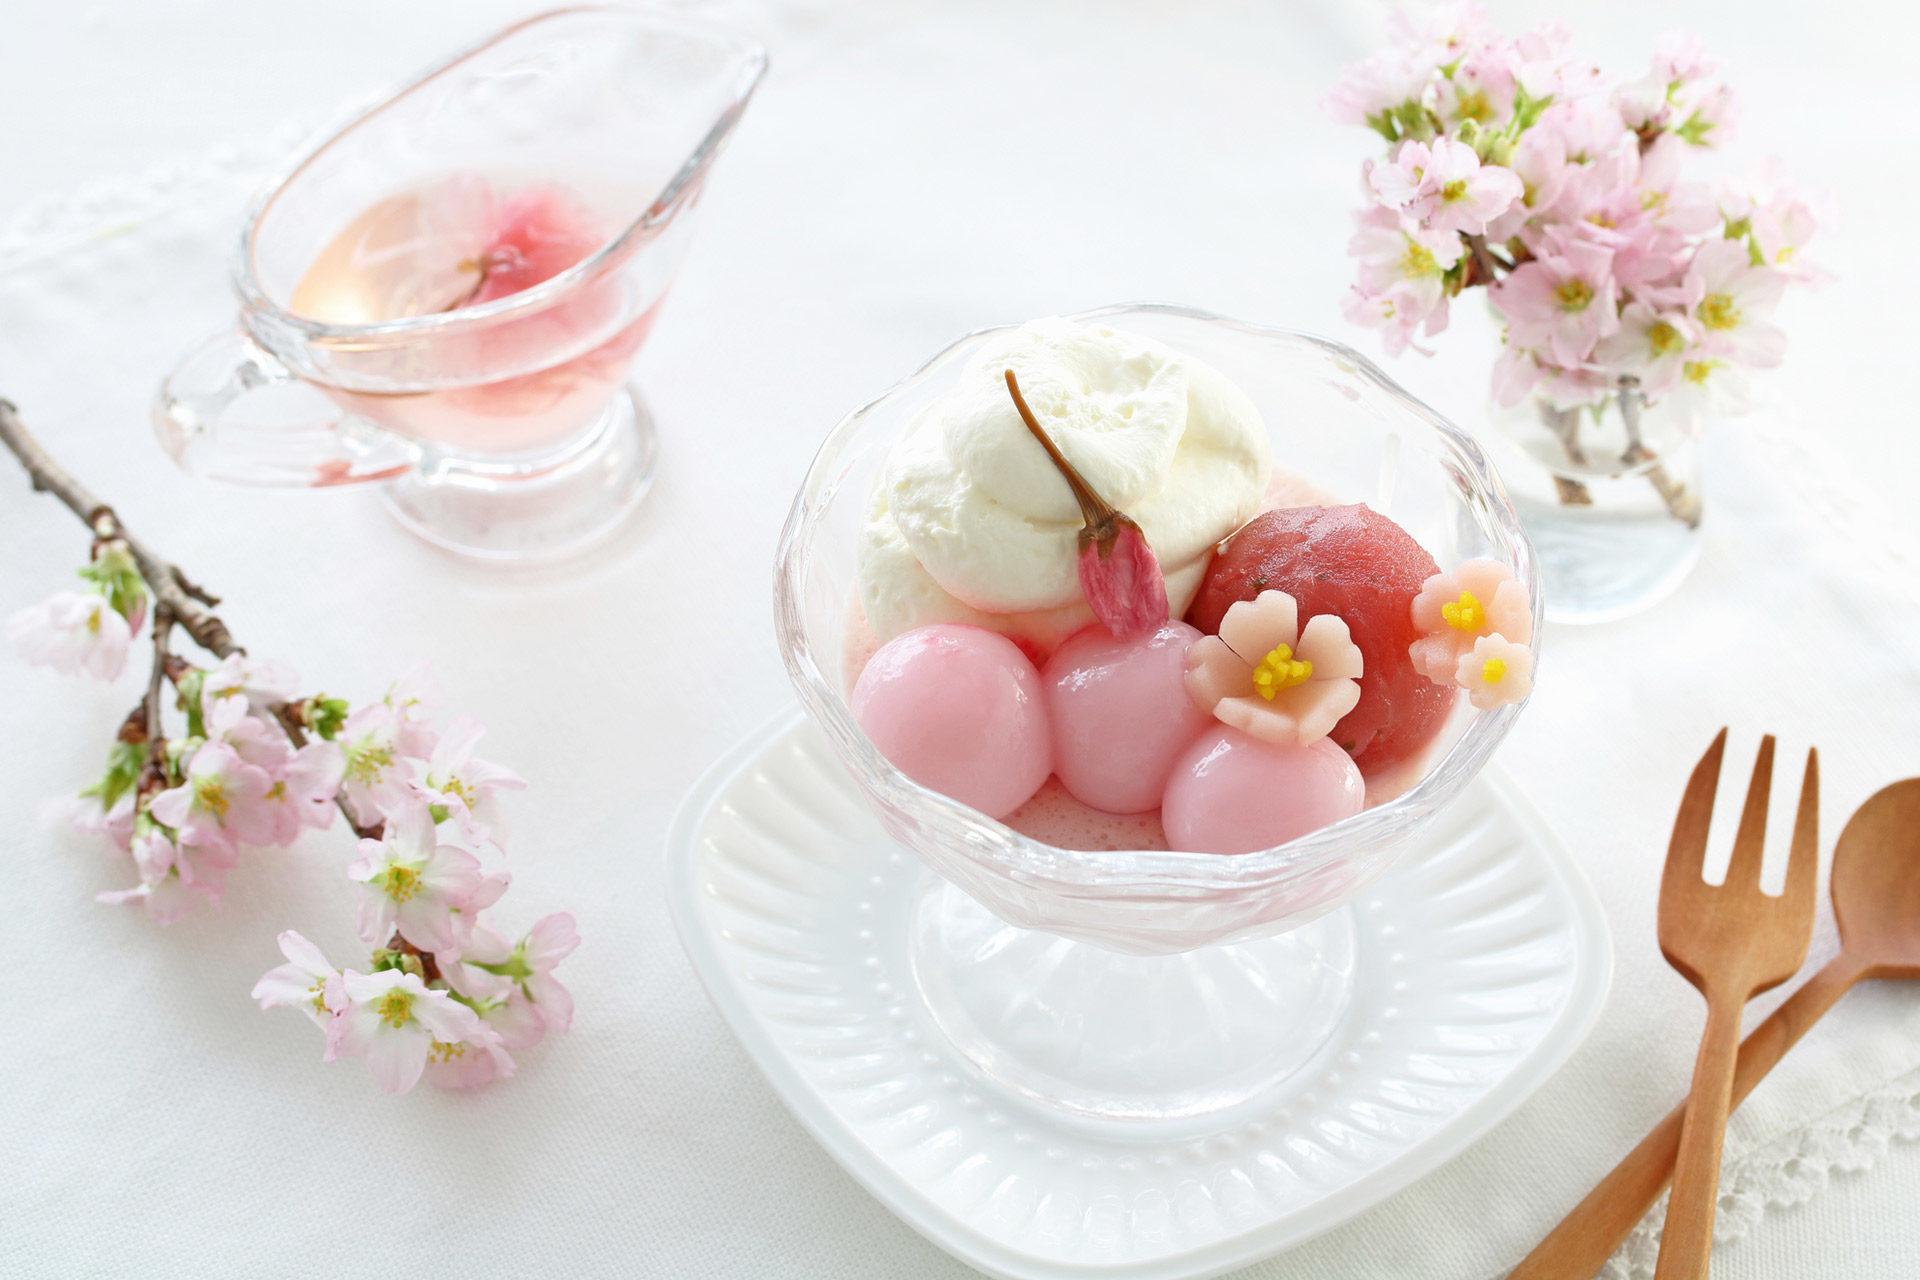 下面介紹只有在這個季節才能品嘗到的甜點。